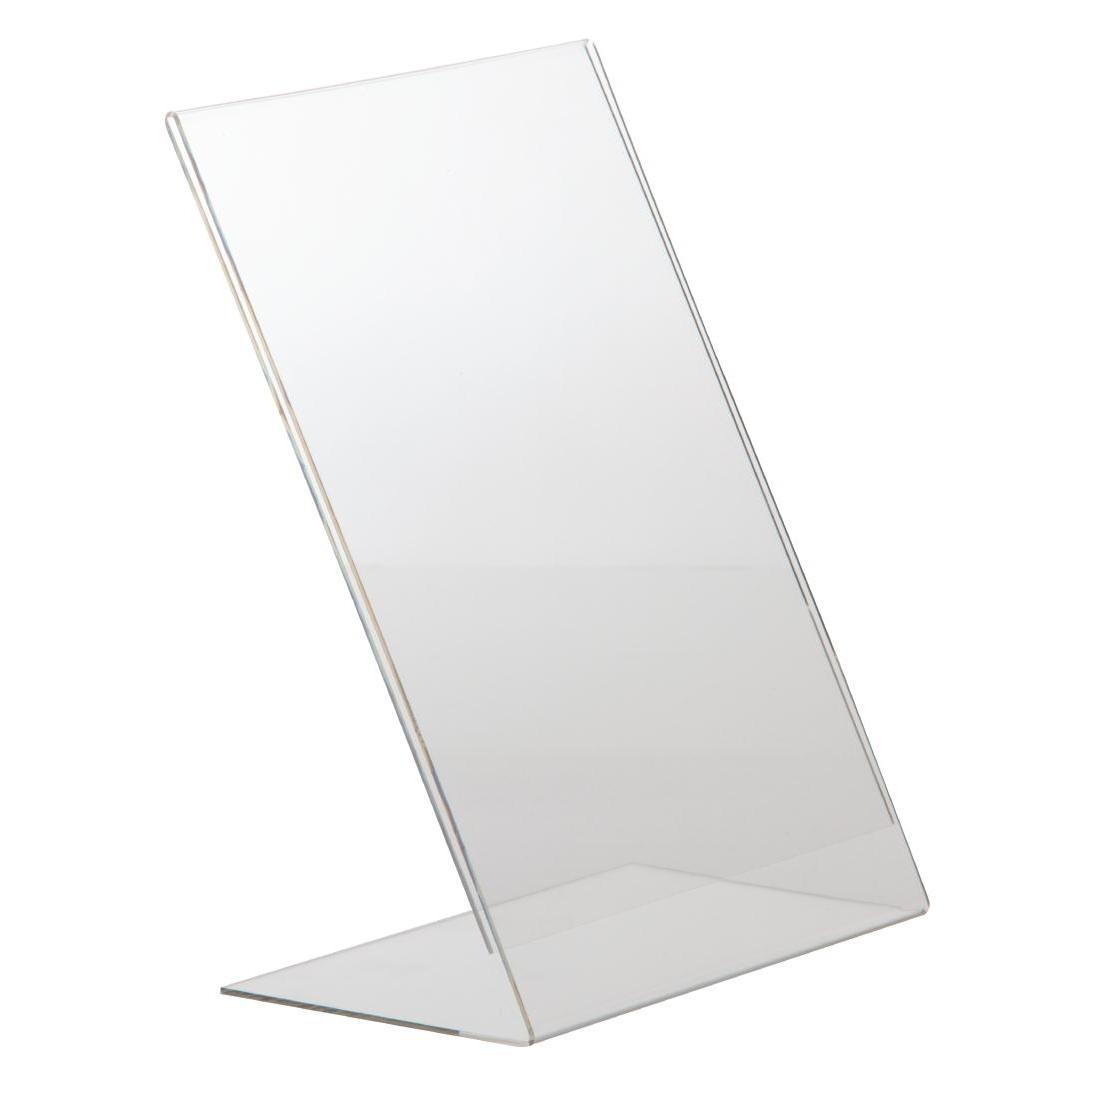 Protège-menus incliné en acrylique A4